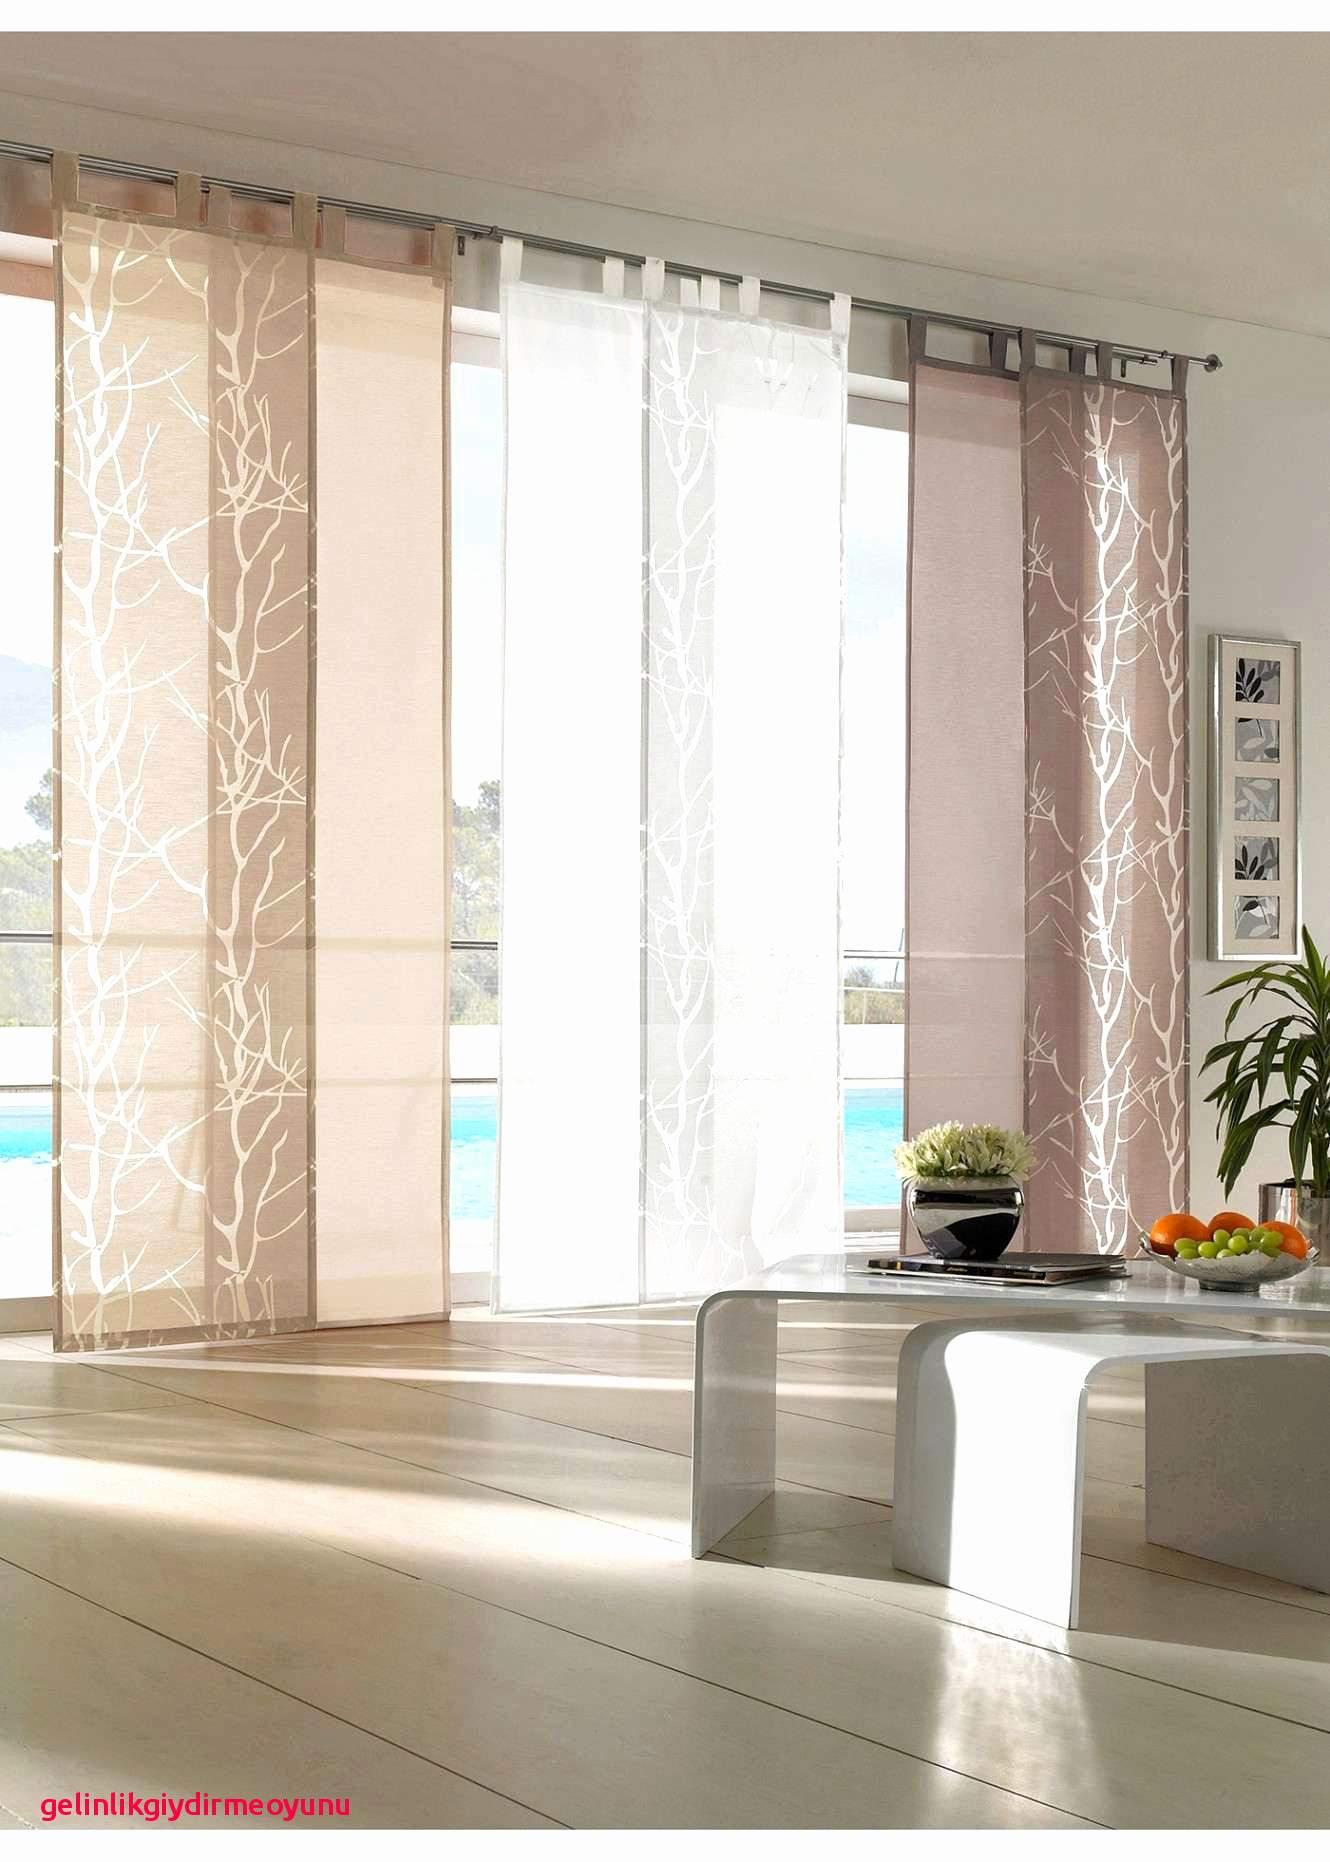 Full Size of Wohnzimmer Gardinen Kurz Einzigartig 37 Luxus Kurze Fenster Scheibengardinen Küche Für Die Kurzzeitmesser Schlafzimmer Wohnzimmer Gardinen Kurz